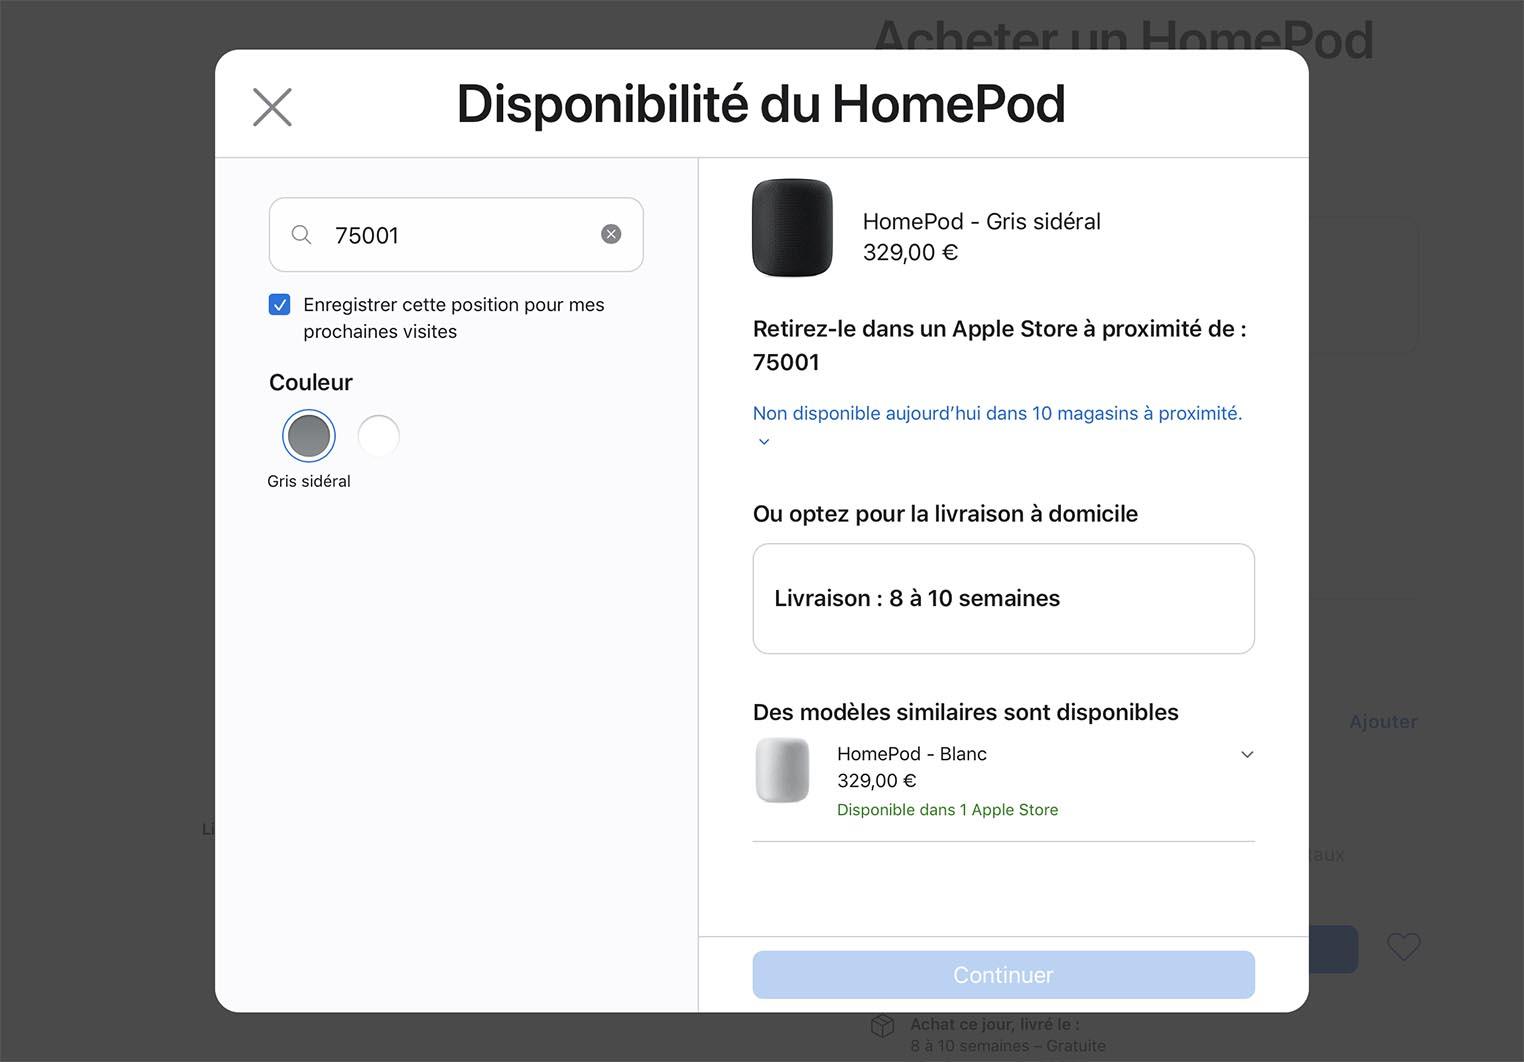 Pénurie HomePod noir France